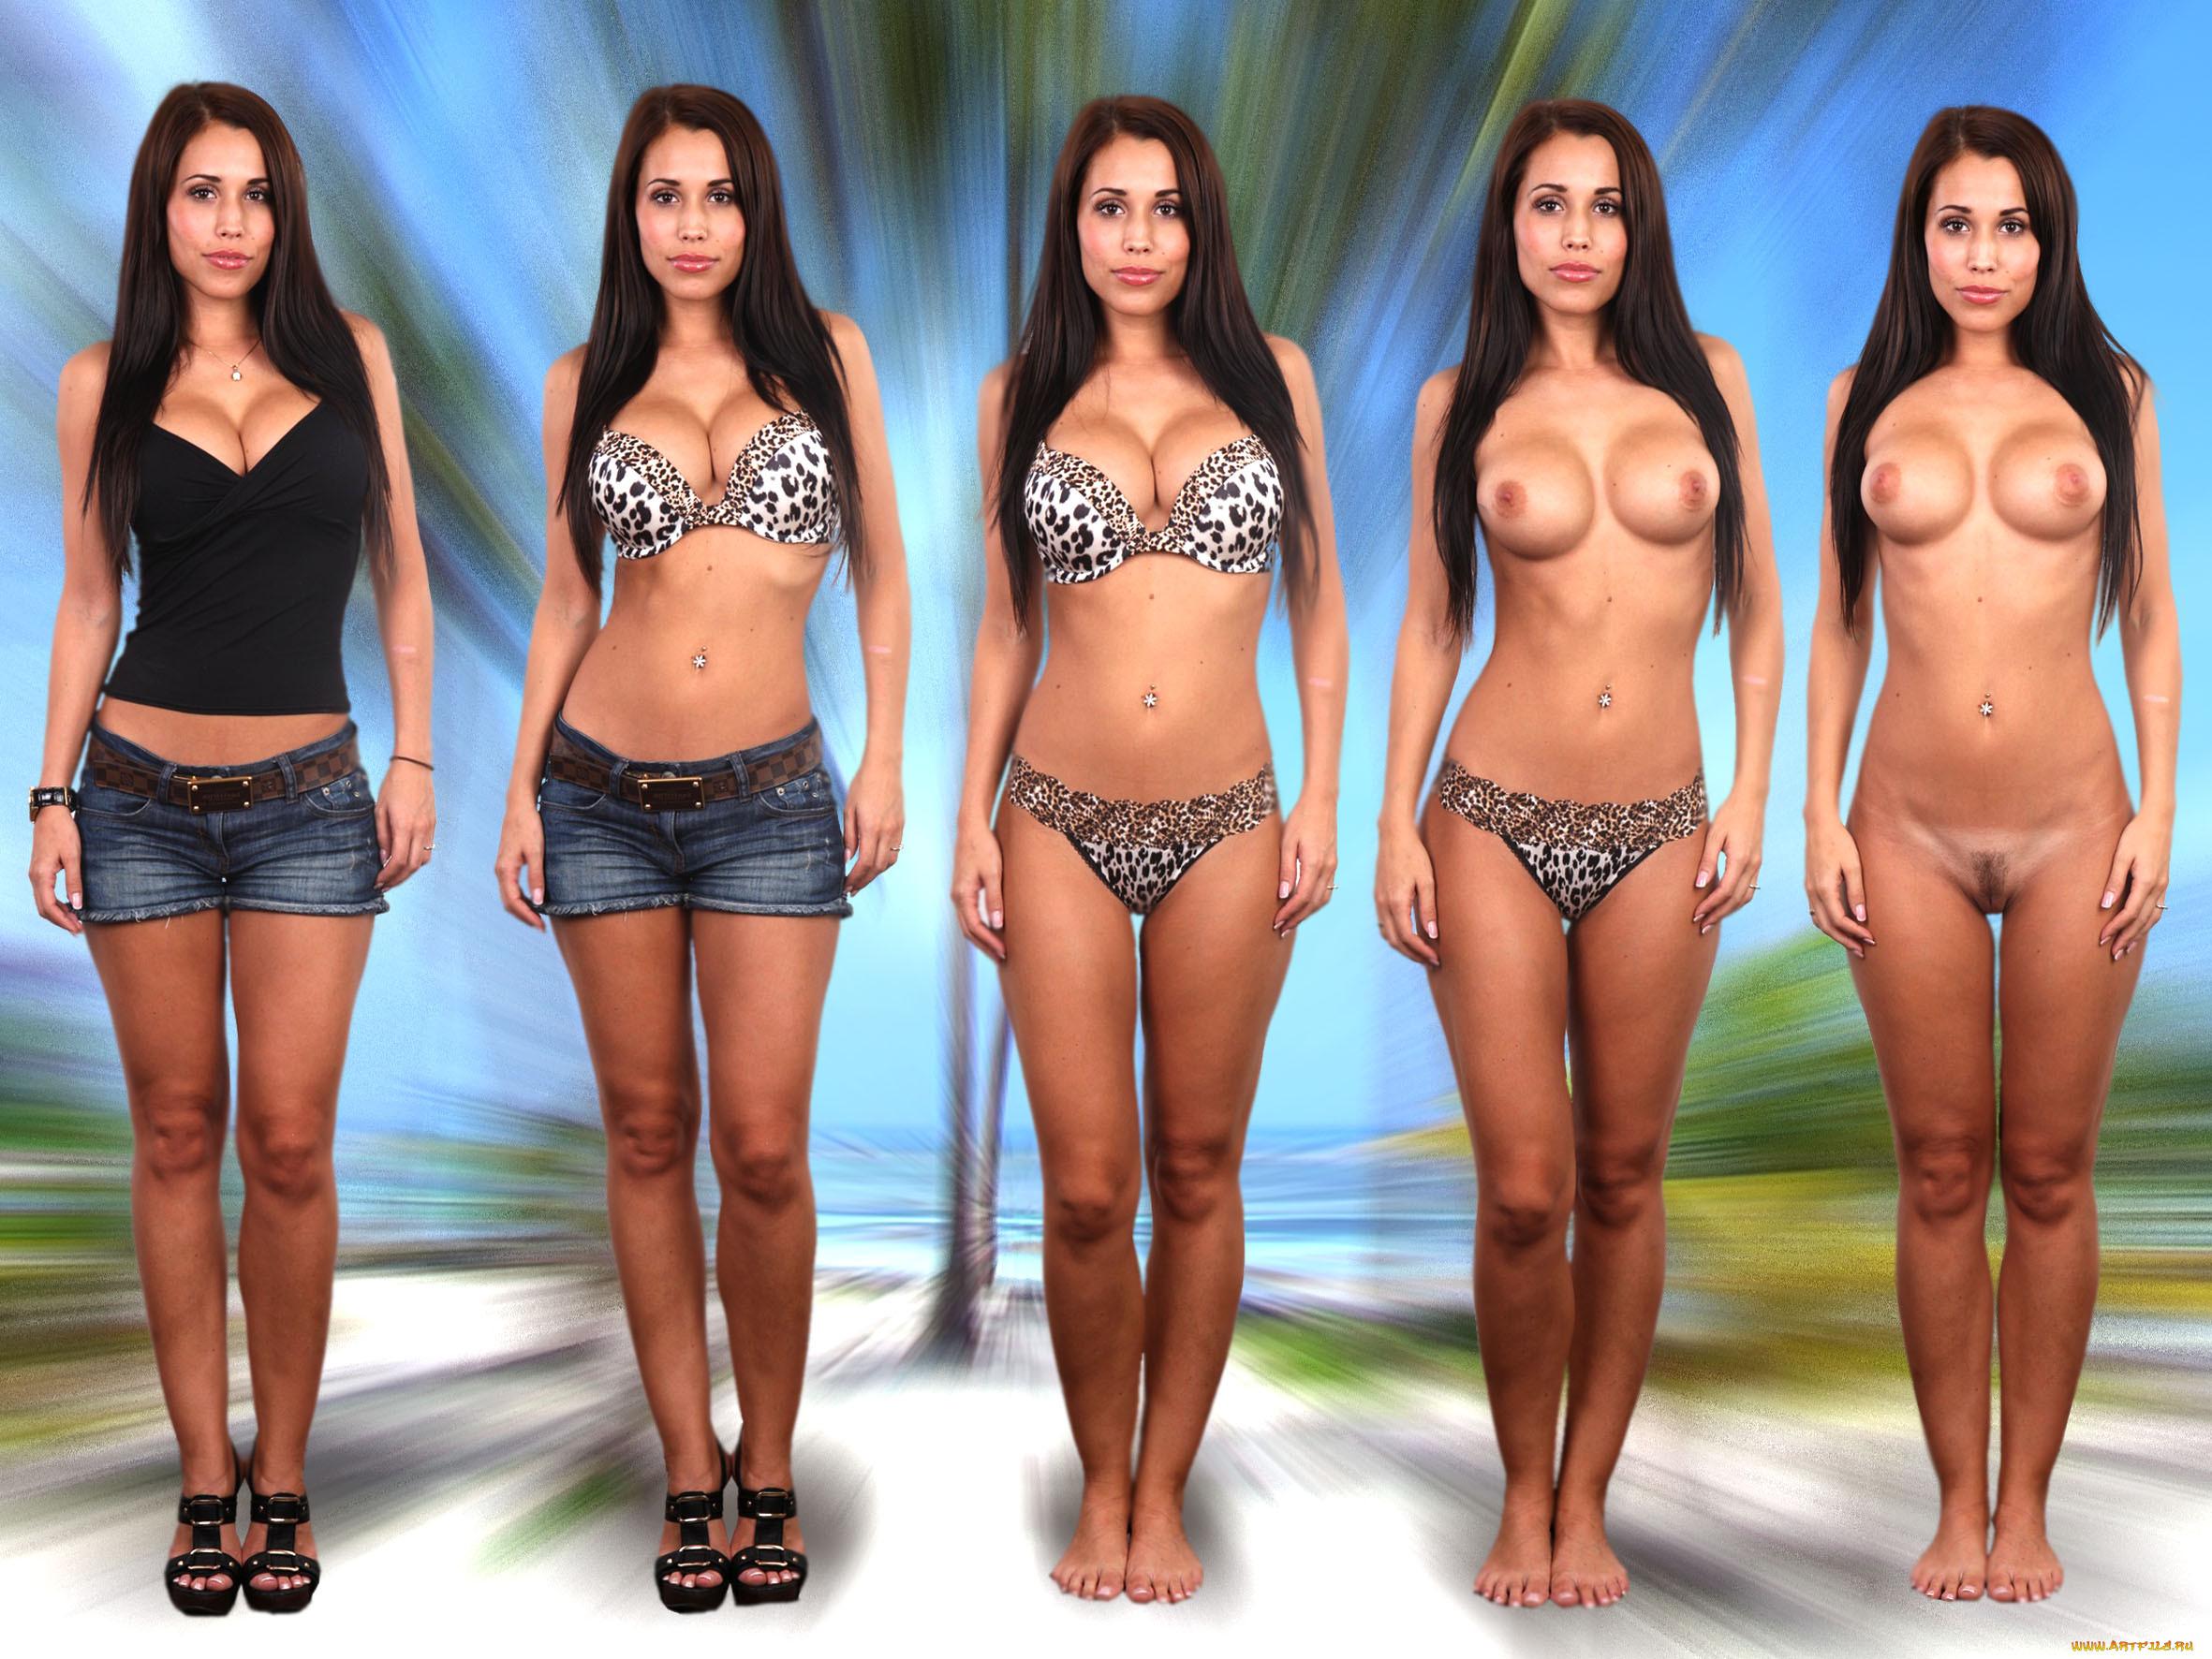 Фото постепенно раздевающихся женщин 3 фотография